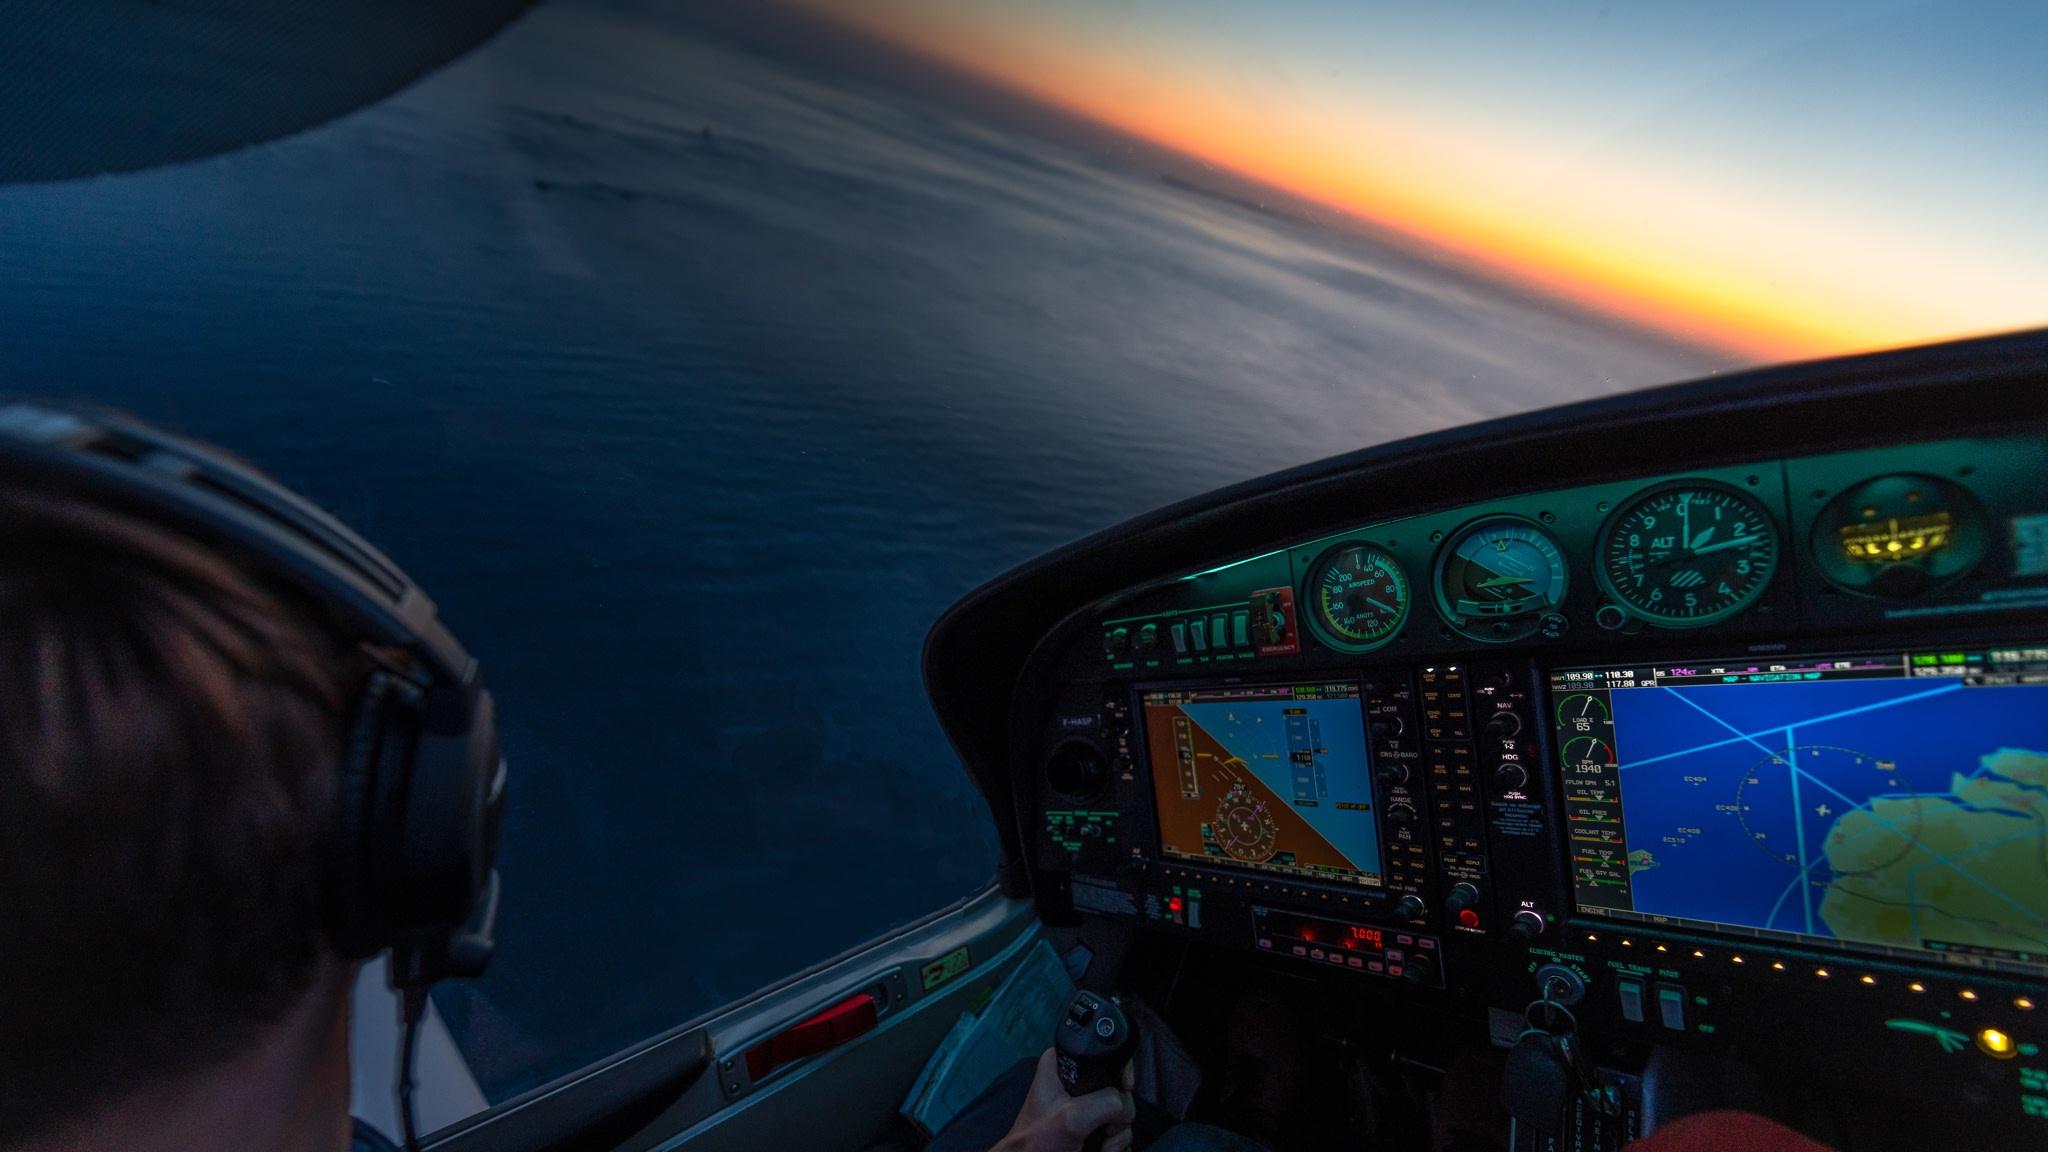 Photographie pilote avion DSC9147